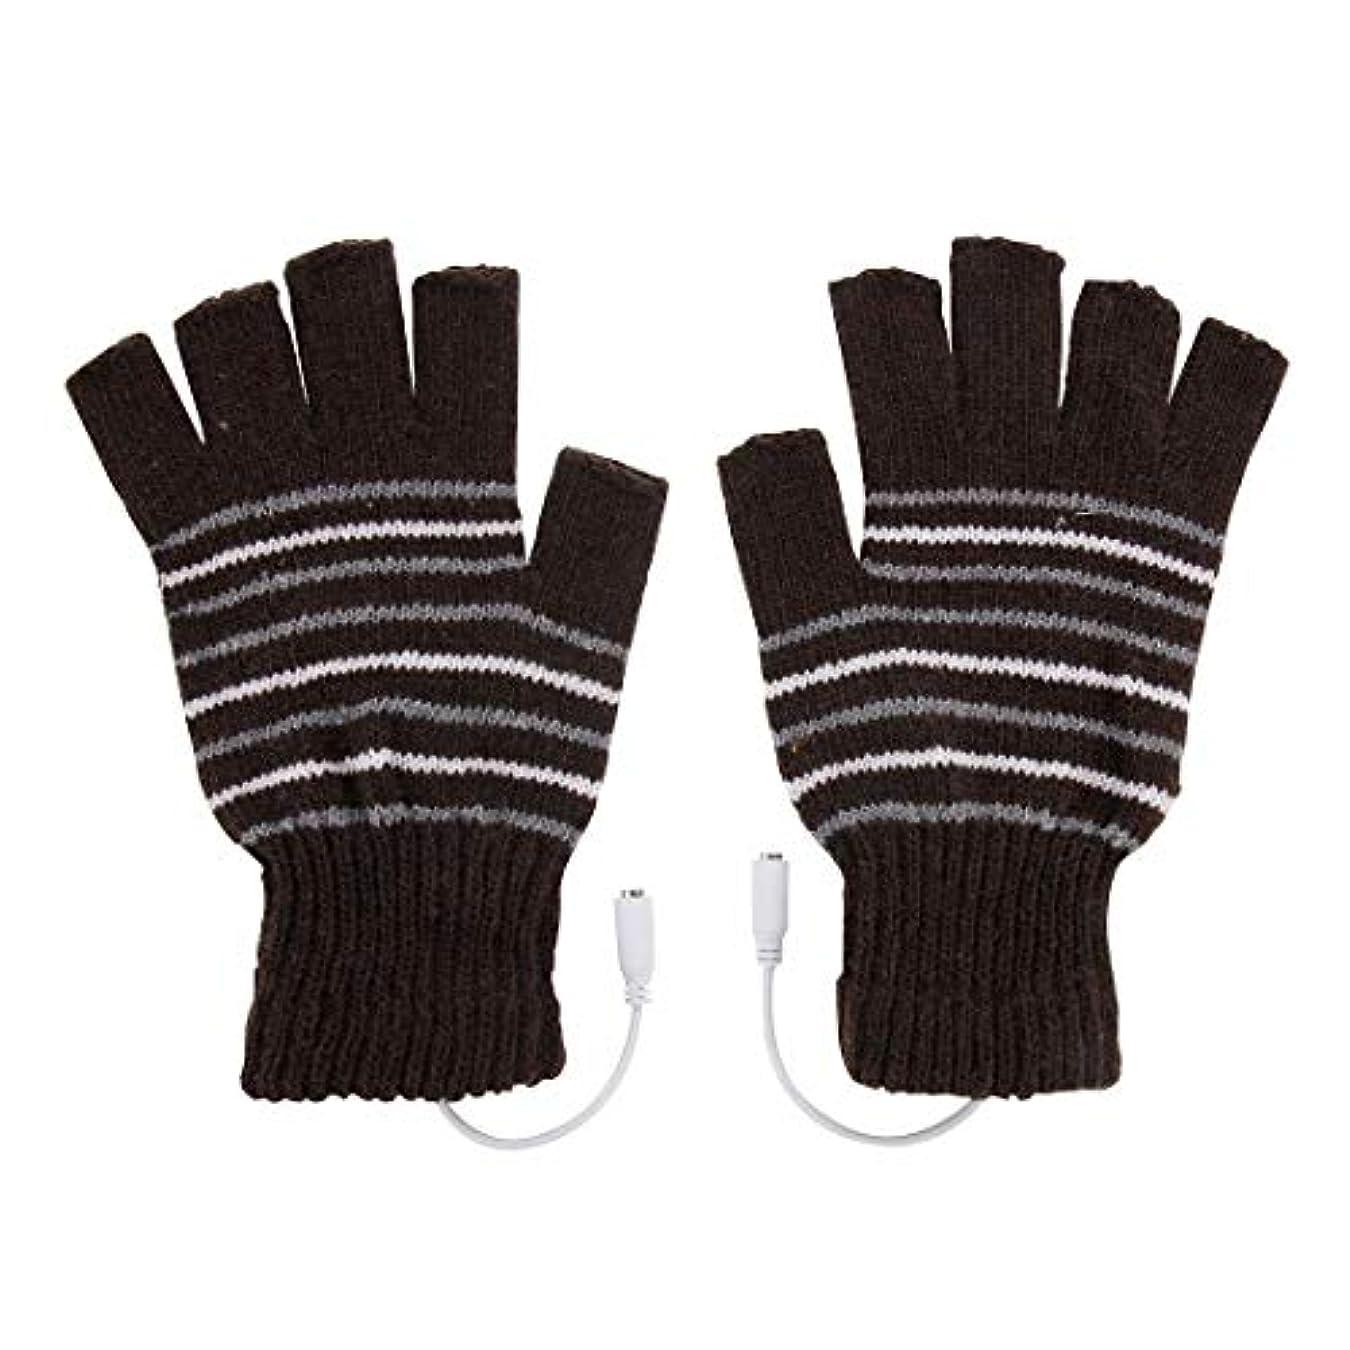 禁輸スチール装備するBAJIMI 手袋 グローブ レディース/メンズ ハンド ケア アウトドアスポーツ電気加熱半指ニット耐久性のある手袋 裏起毛 おしゃれ 手触りが良い 運転 耐磨耗性 換気性